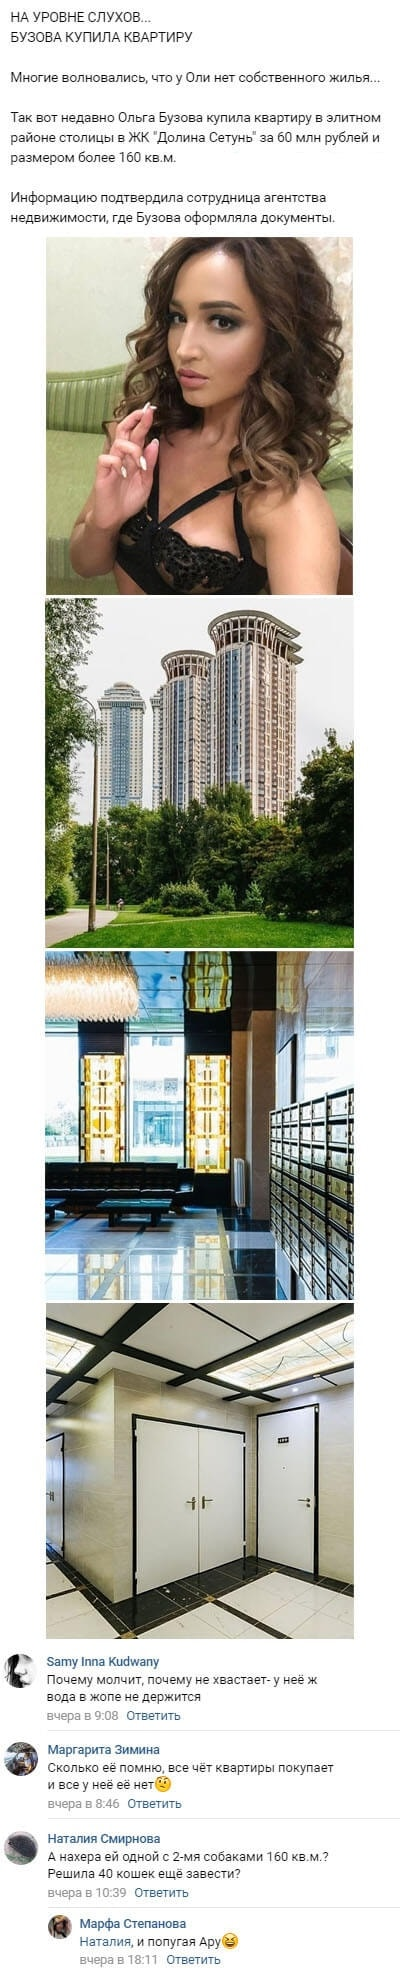 Ольга Бузова стала обладательницей элитной недвижимости